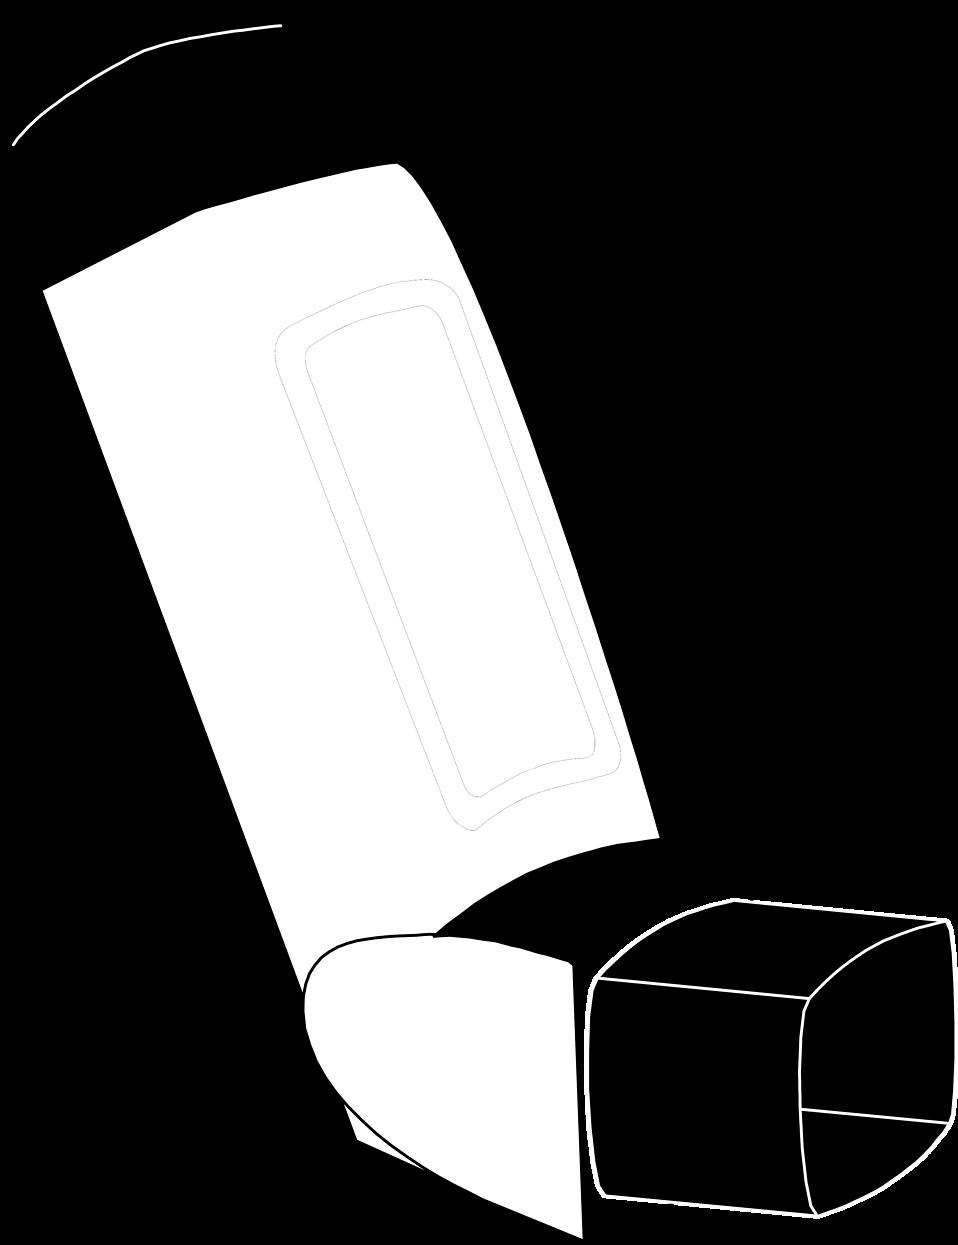 Inhalation Clipart.